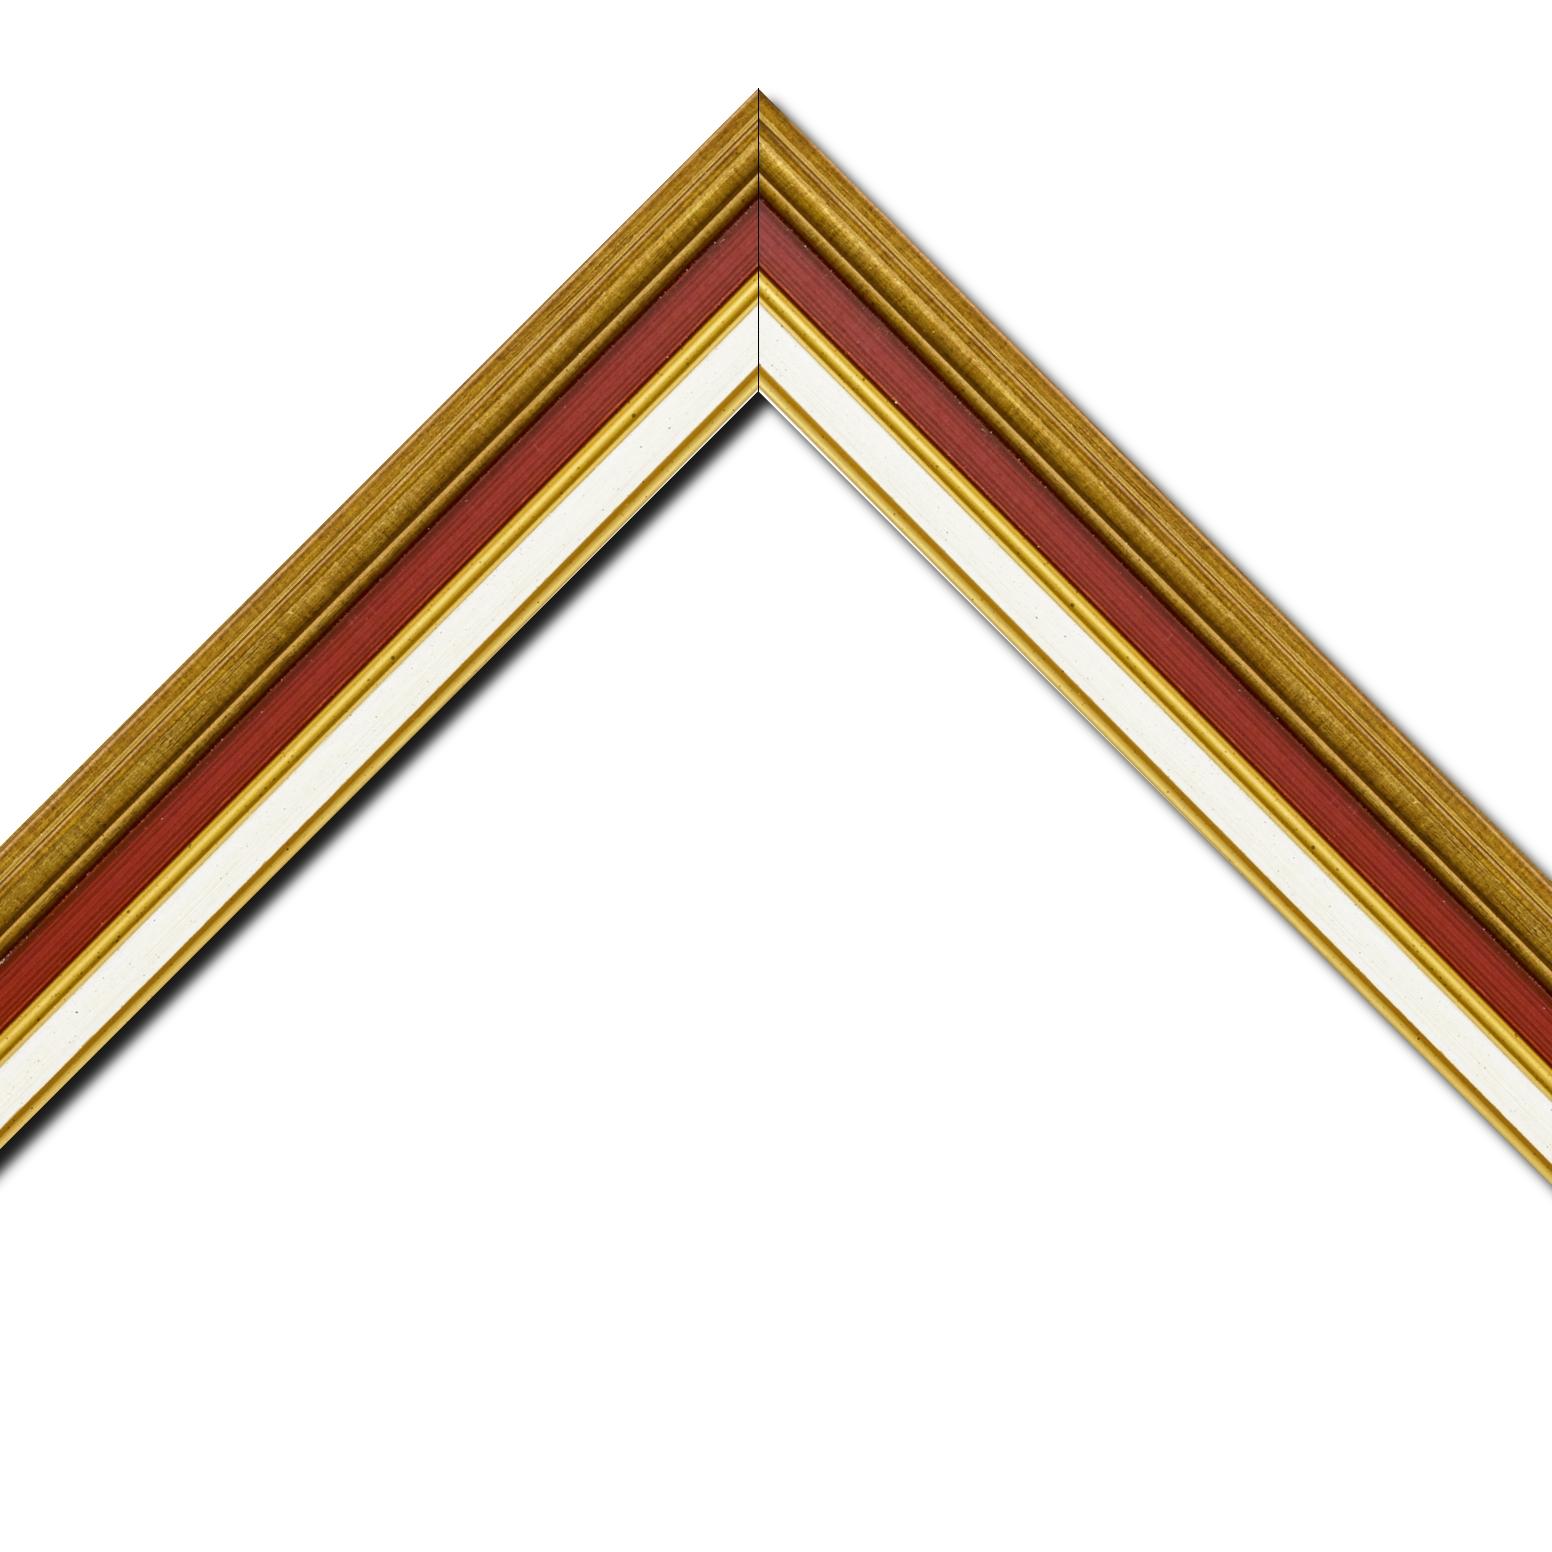 Baguette bois largeur 5.2cm or gorge bordeaux  marie louise crème filet or intégrée